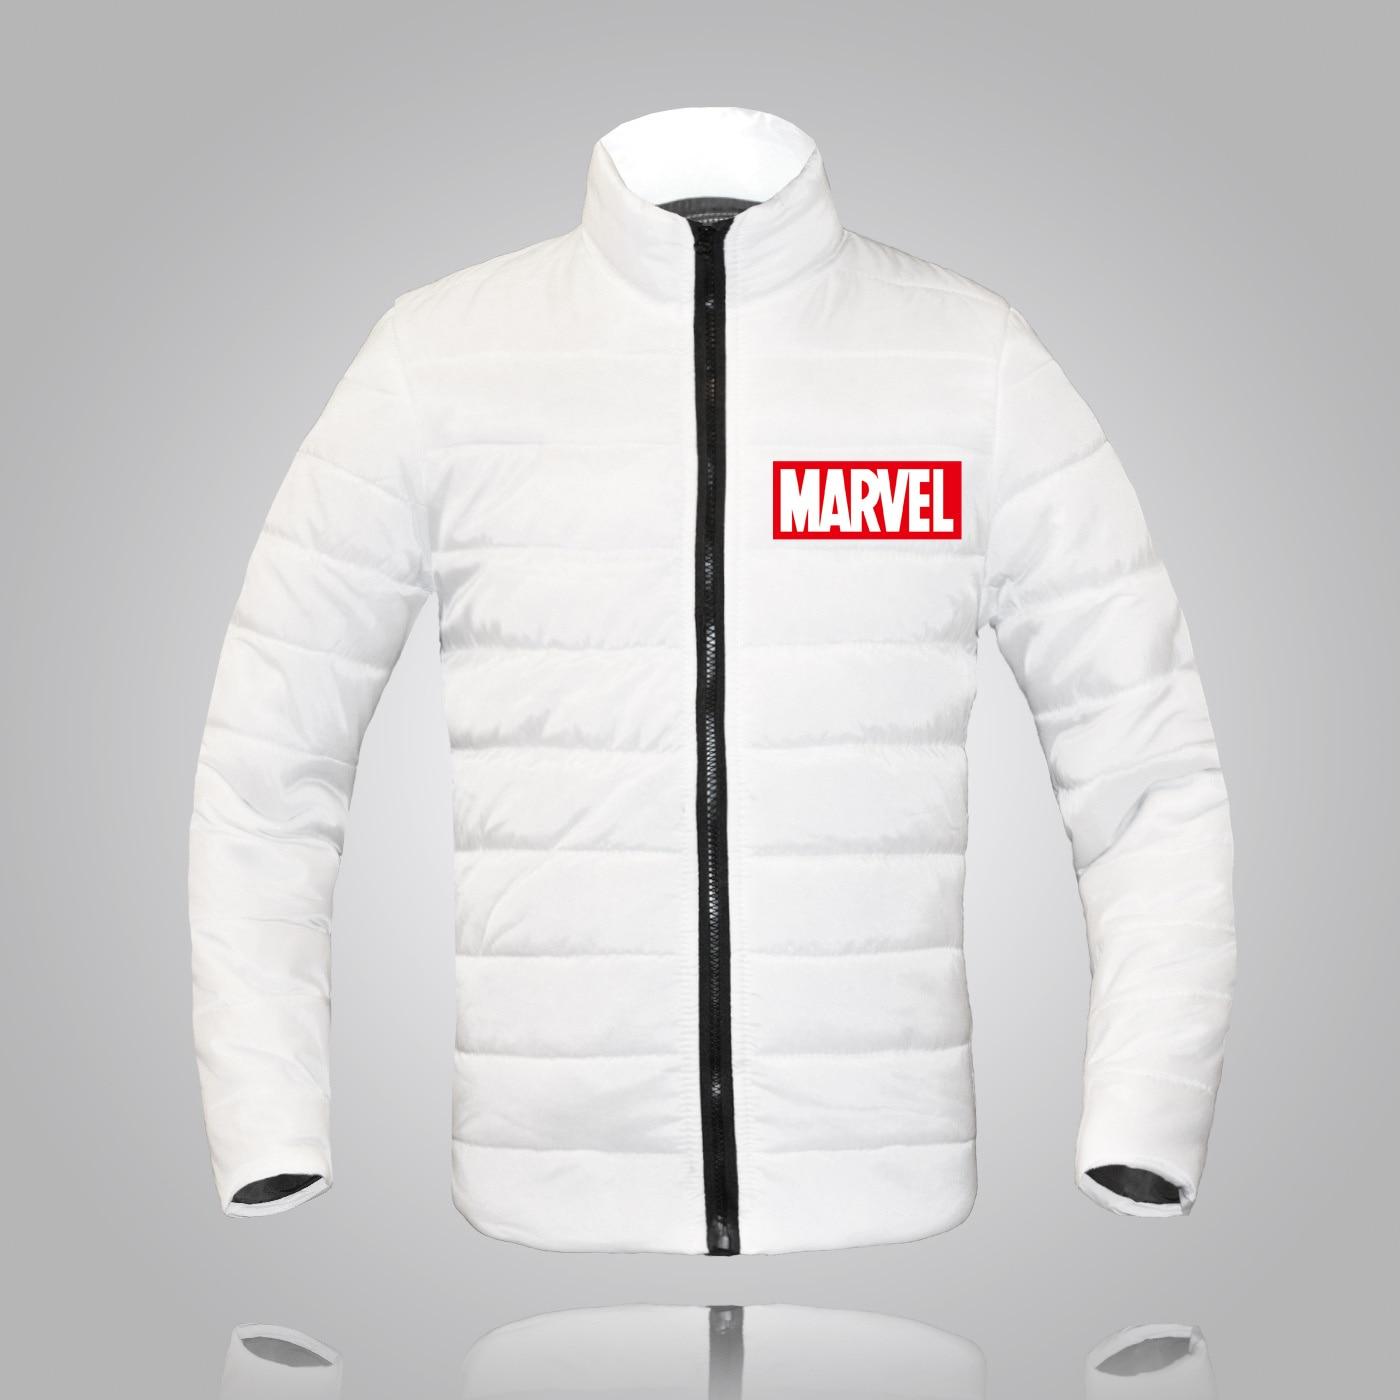 Мужская зимняя кожаная утепленная куртка для альпинизма, мужская повседневная теплая ветровка, модная Высококачественная Мужская куртка, ...